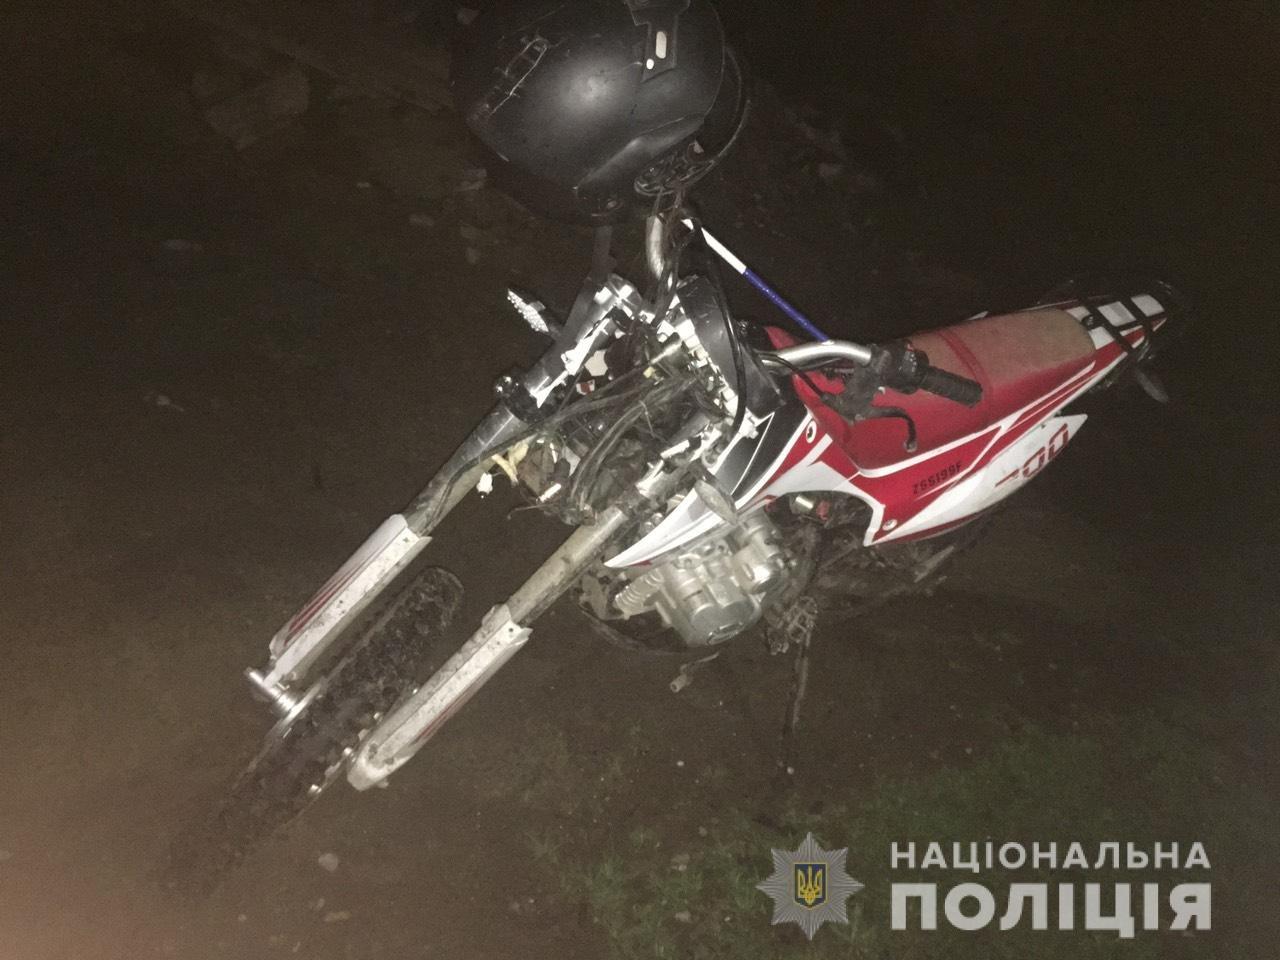 Трагедія у Рахові: в результаті наїзду мотоцикла на людей загинув 14-річний пасажир (ФОТО), фото-1